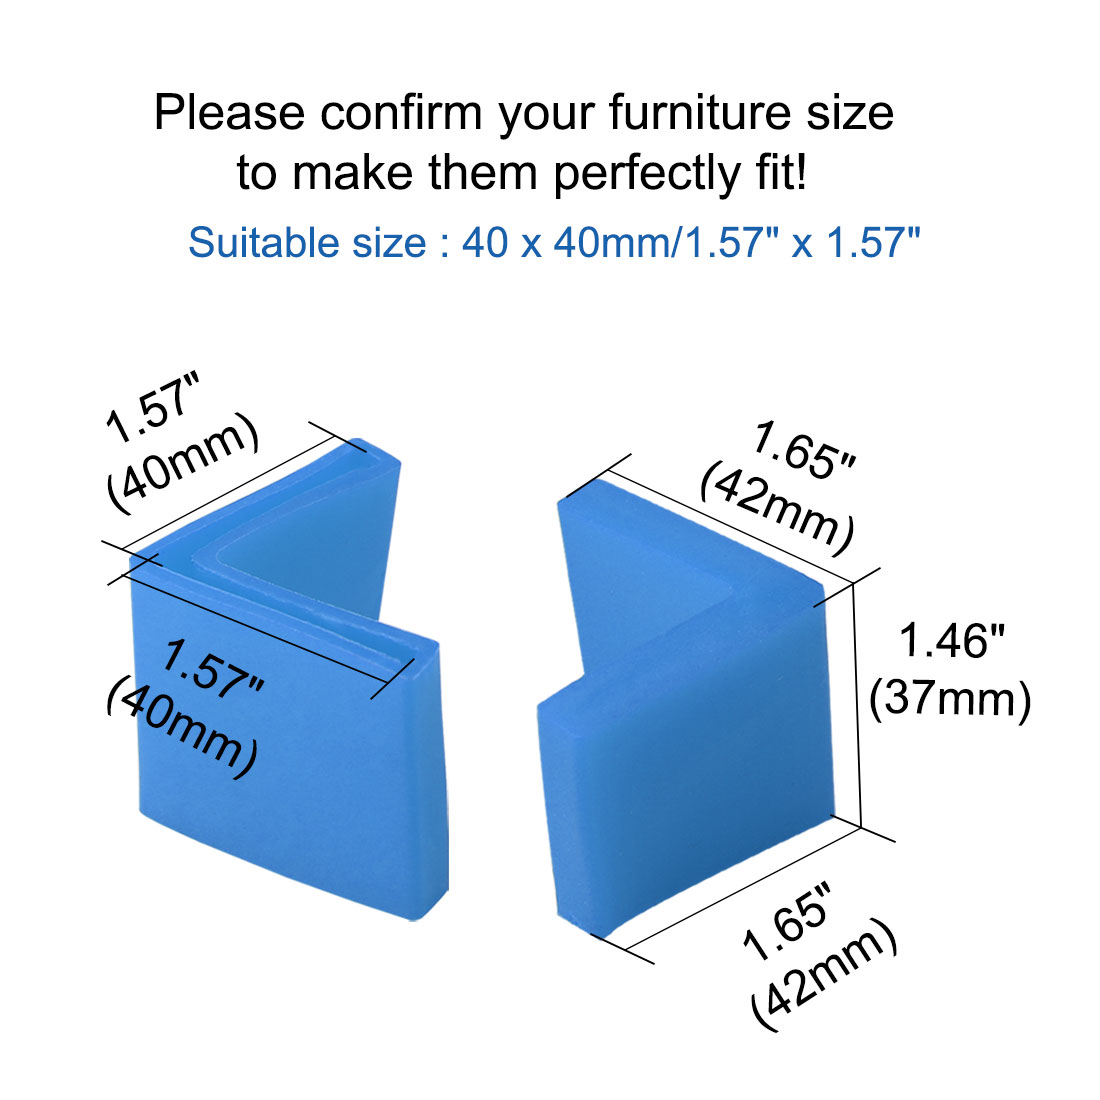 40mm x 40mm Angle Iron Foot Pad L Shaped PVC Leg Cap Floor Protector Blue 12 Pcs - image 5 de 7